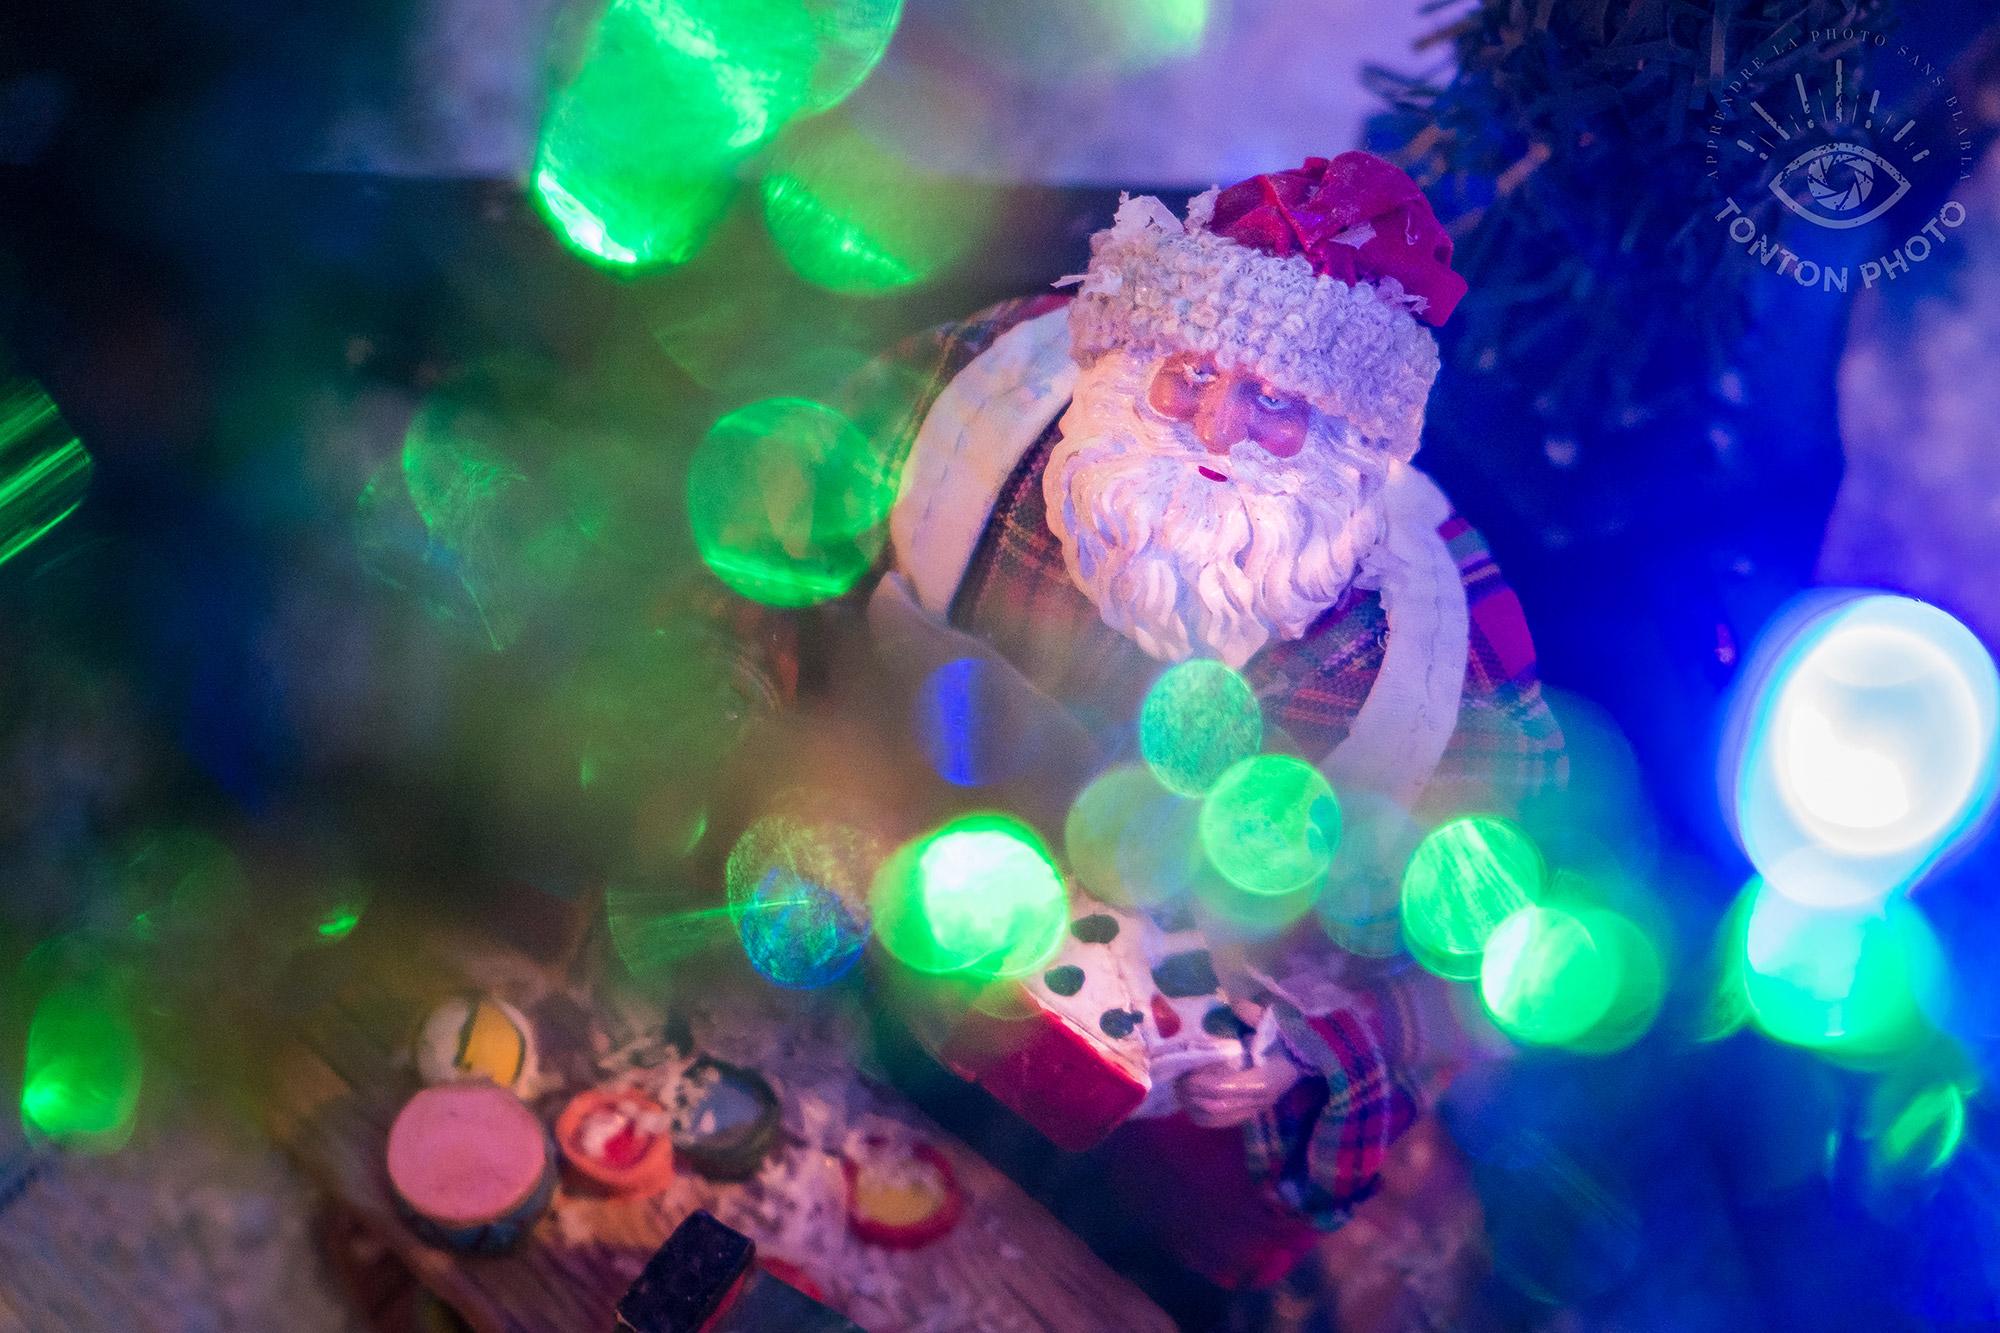 Bokeh de père Noël - Comment photographier pendant Noël et les fêtes de fin d'année ? © Clément Racineux / Tonton Photo